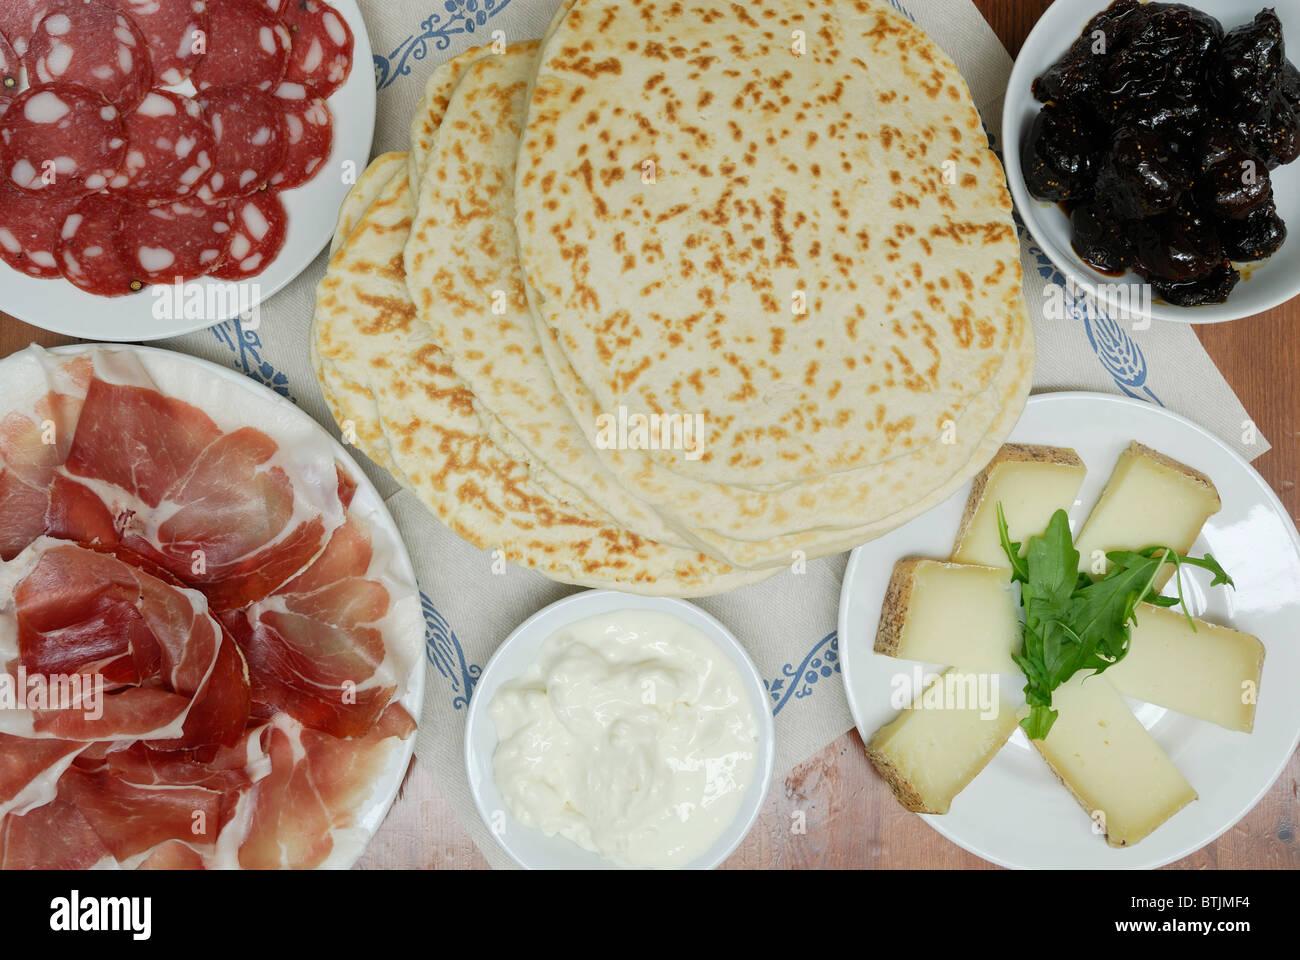 Ravenna. Italien. Piadine & eine Auswahl an regionalen Produkten (siehe Beschreibung) Stockbild